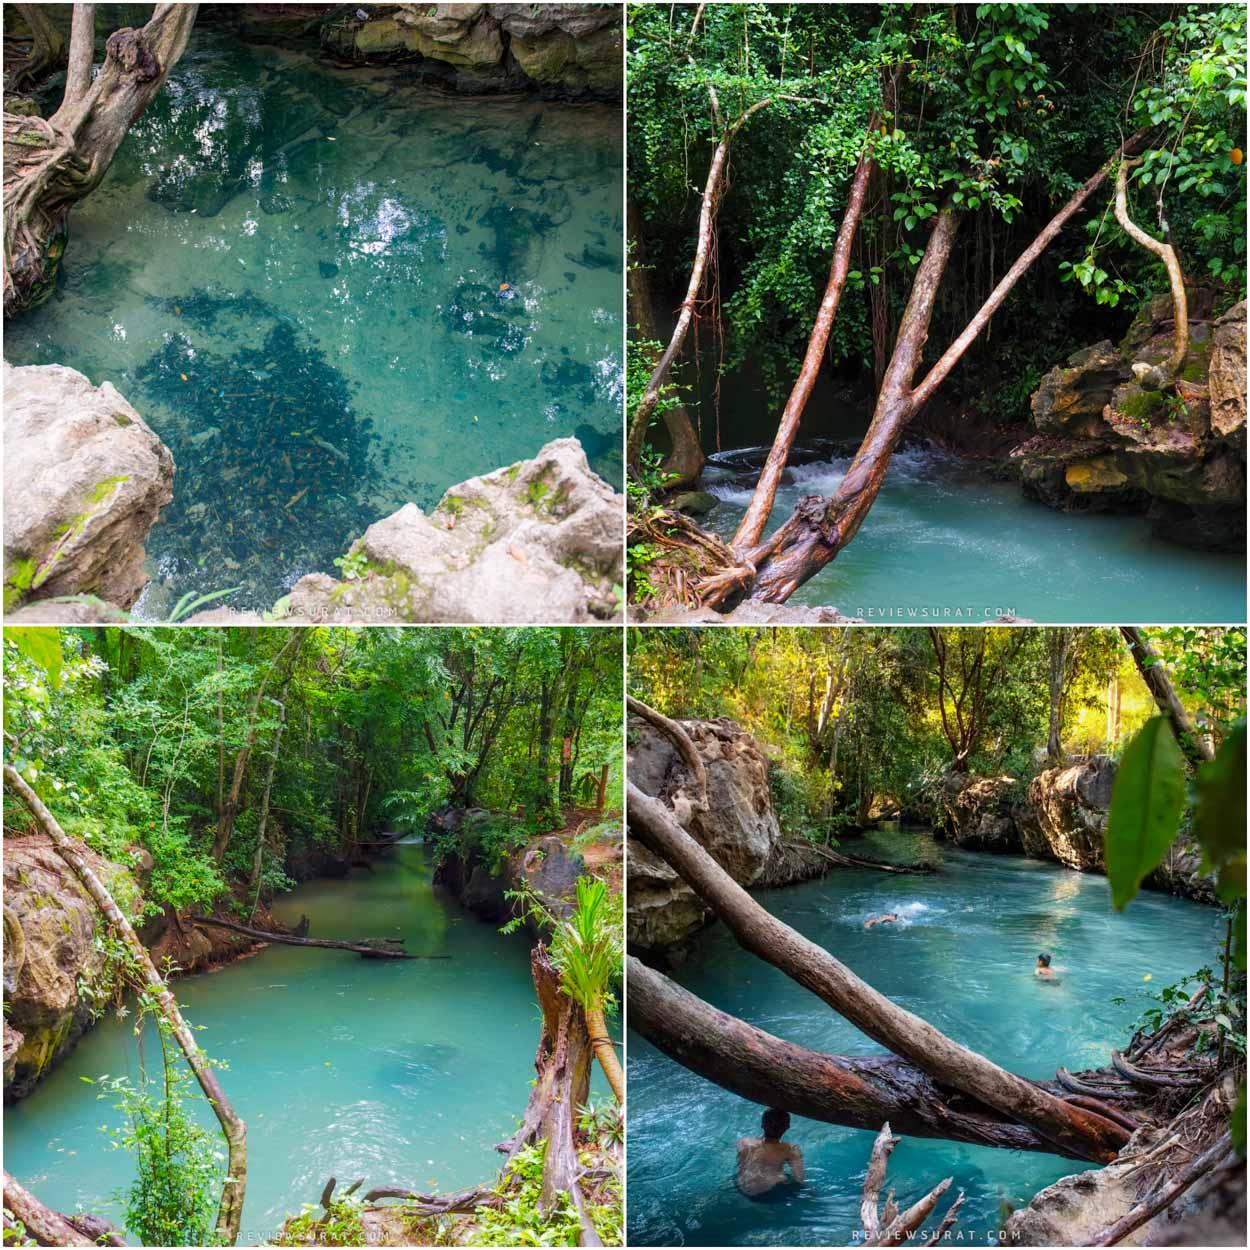 ห้ามพลาดกับน้ำใสๆ ธรรมชาติดีๆบรรยากาศสุดชิลลล คลองน้ำใส สุราษฎร์